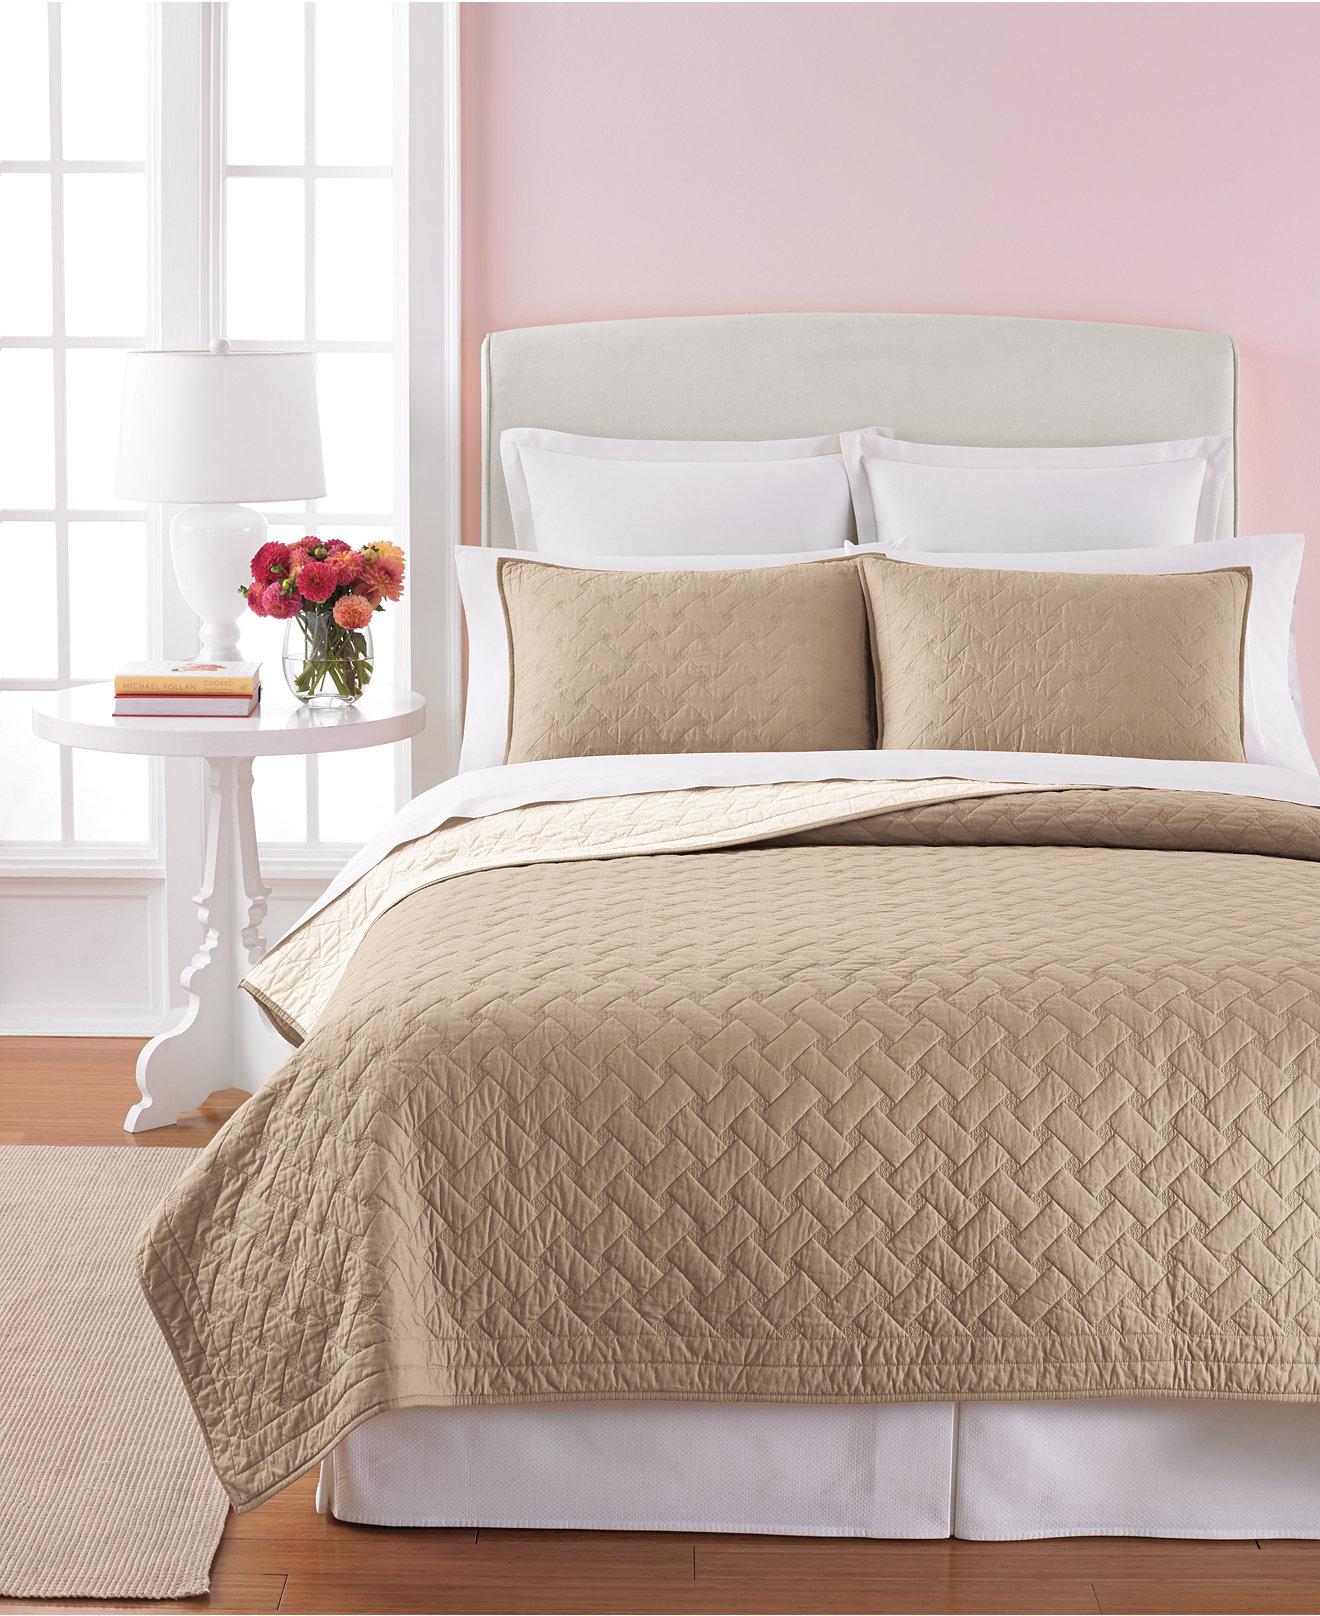 Martha Stewart Collection Basket Stitch Tan Quilts   Quilts   Martha Stewart Collection Basket Stitch Tan Quilts   Quilts   Bedspreads    Bed   Bath   Macy s. Bedroom Quilts. Home Design Ideas